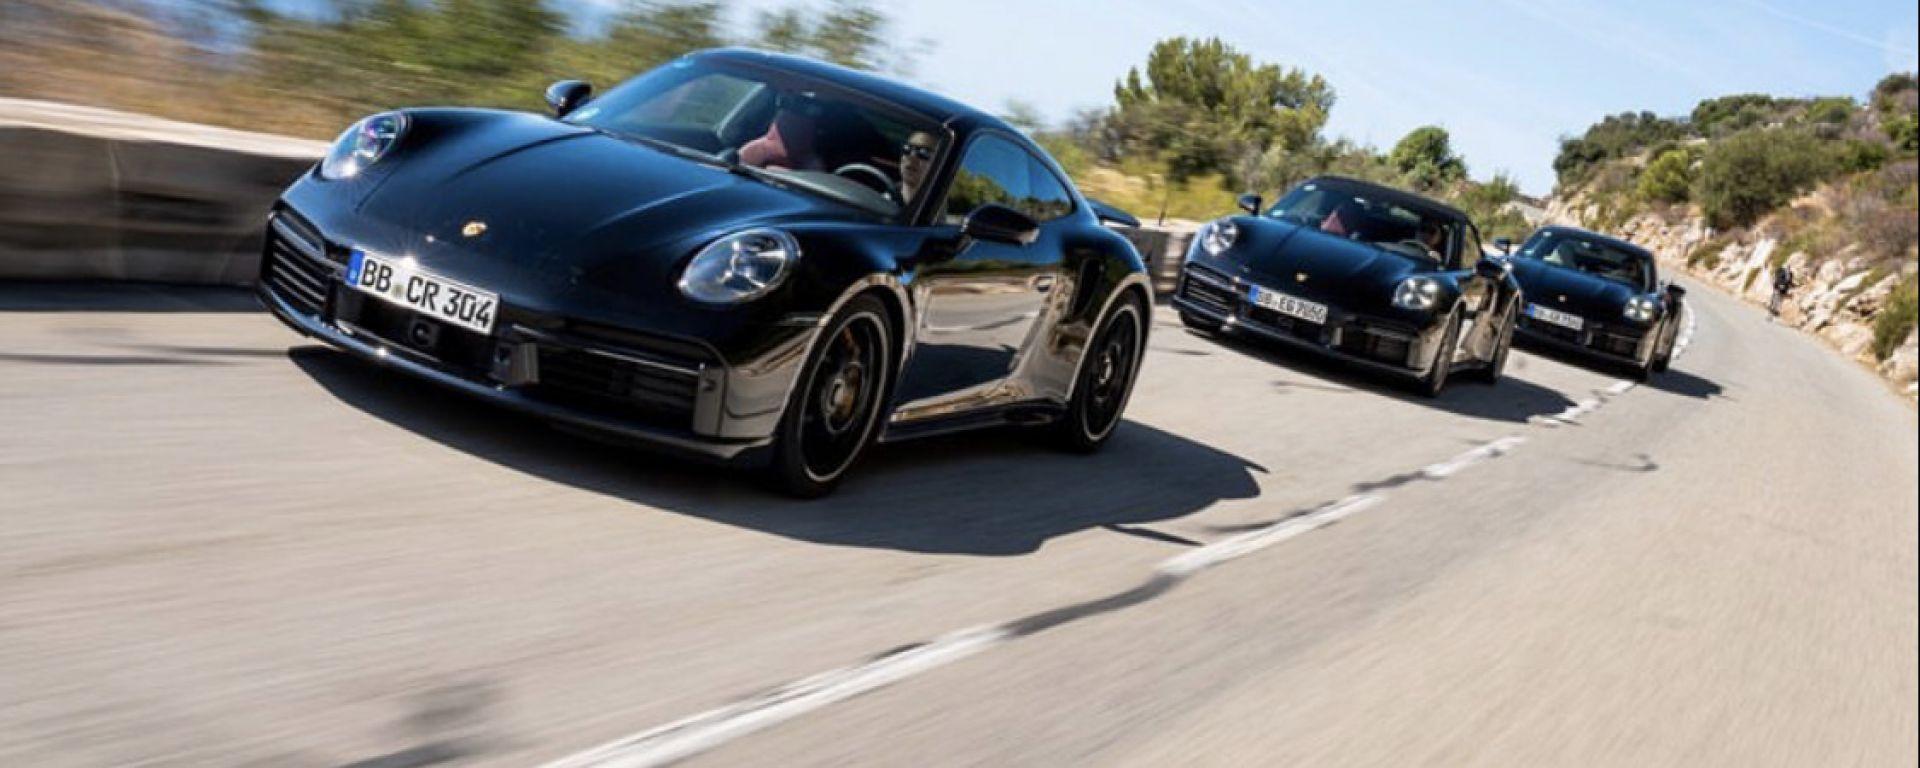 Nuova Porsche 911 Turbo: arriva anche la S da 650 CV